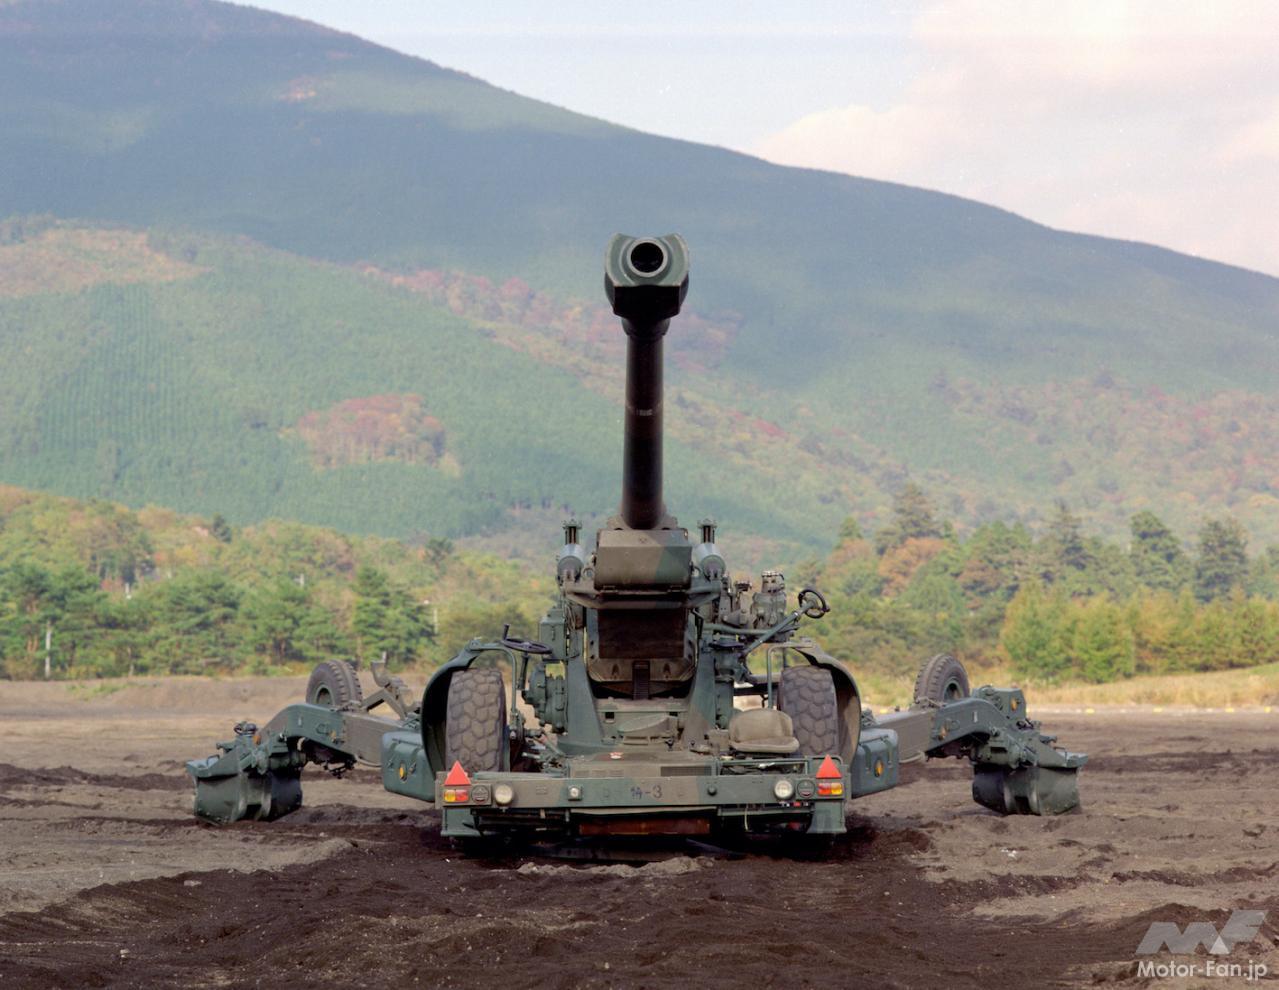 「スバル製水平対向エンジンで自走できる長距離砲「155㎜榴弾砲 FH-70」:陸上自衛隊」の6枚目の画像